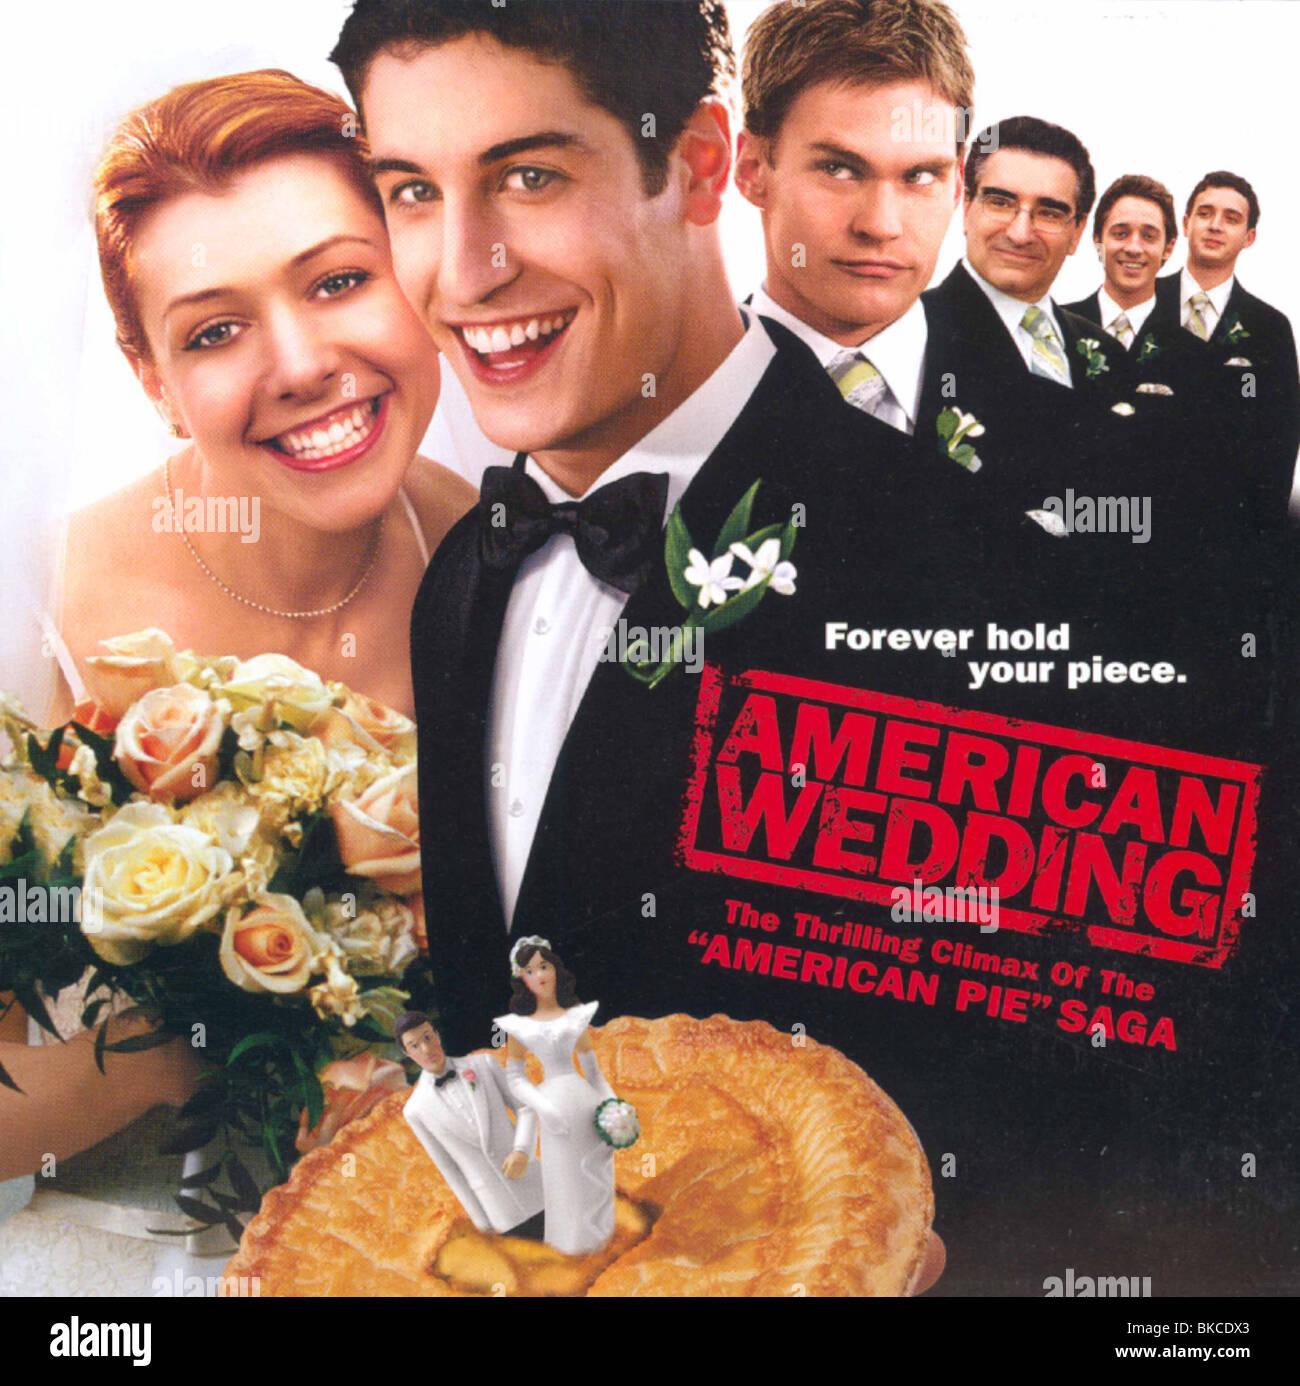 American Wedding Cast